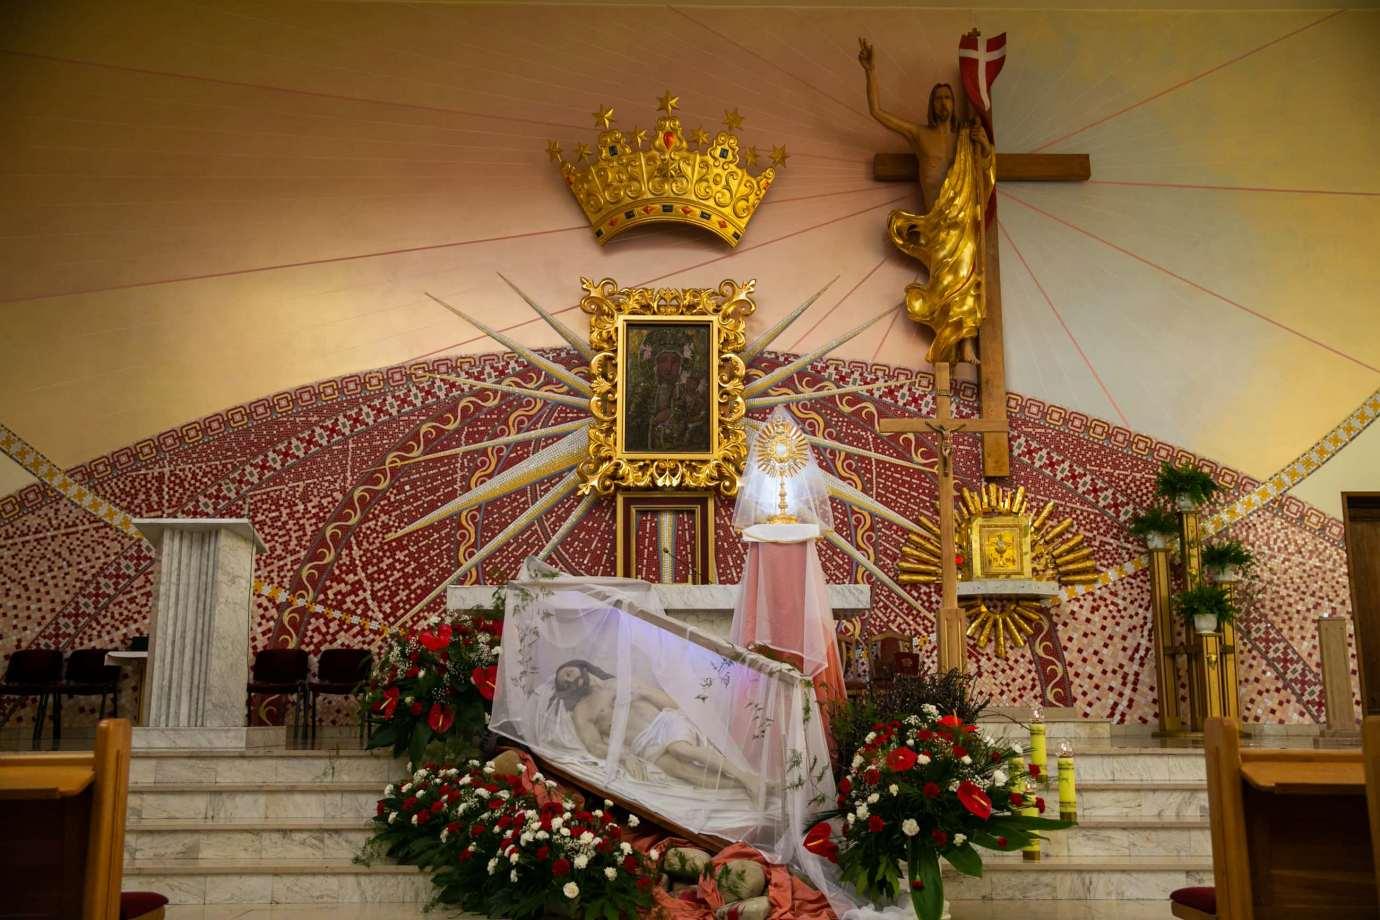 parafia pw matki bozej krolowej polski w zamosciu 8 Zdjęcia grobów pańskich w zamojskich świątyniach